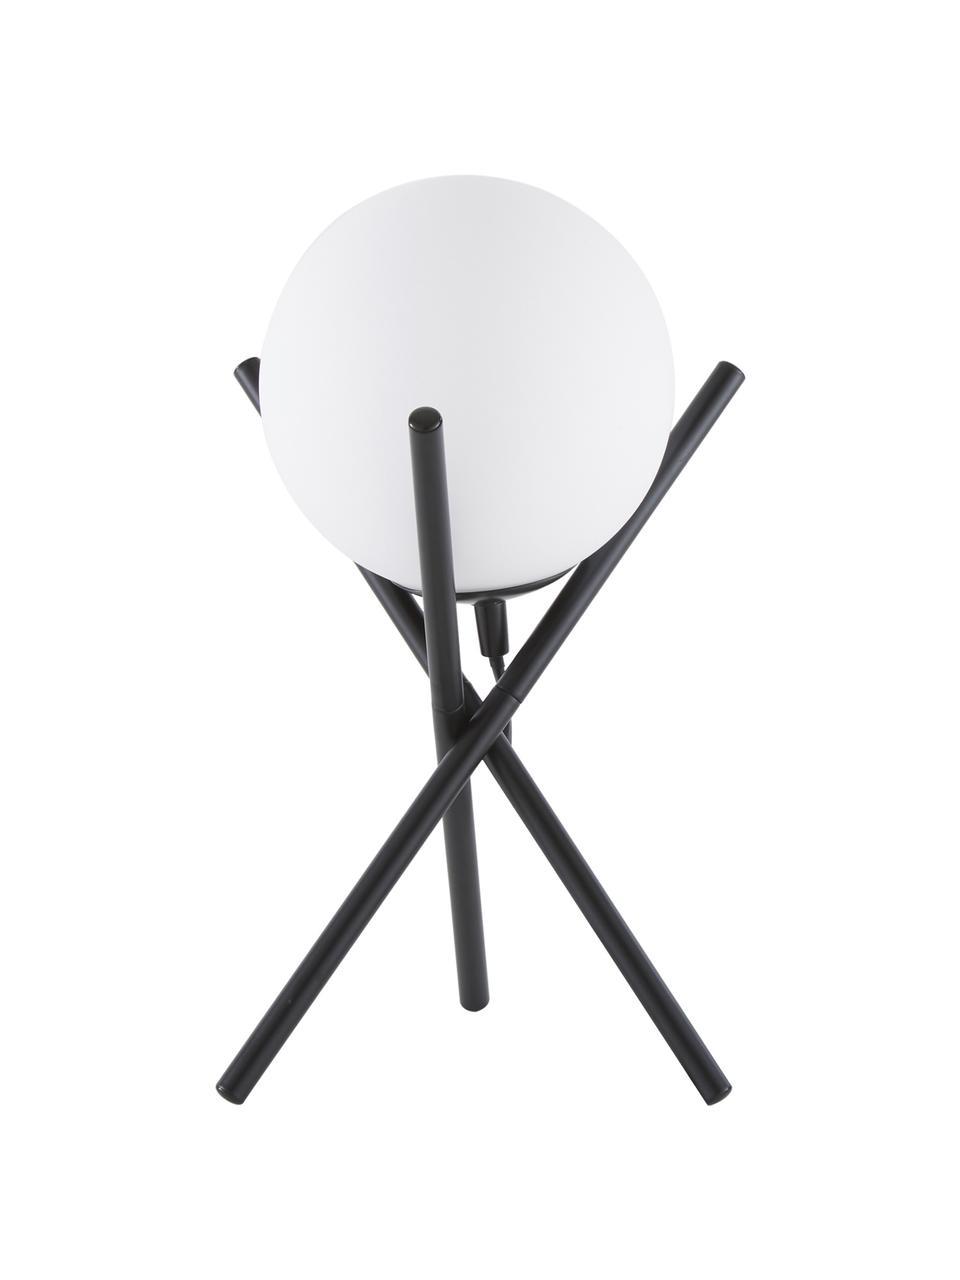 Kleine Tripod Tischlampe Erik mit Glasschirm, Lampenschirm: Glas, Lampenfuß: Metall, pulverbeschichtet, Weiß, Schwarz, Ø 15 x H 33 cm